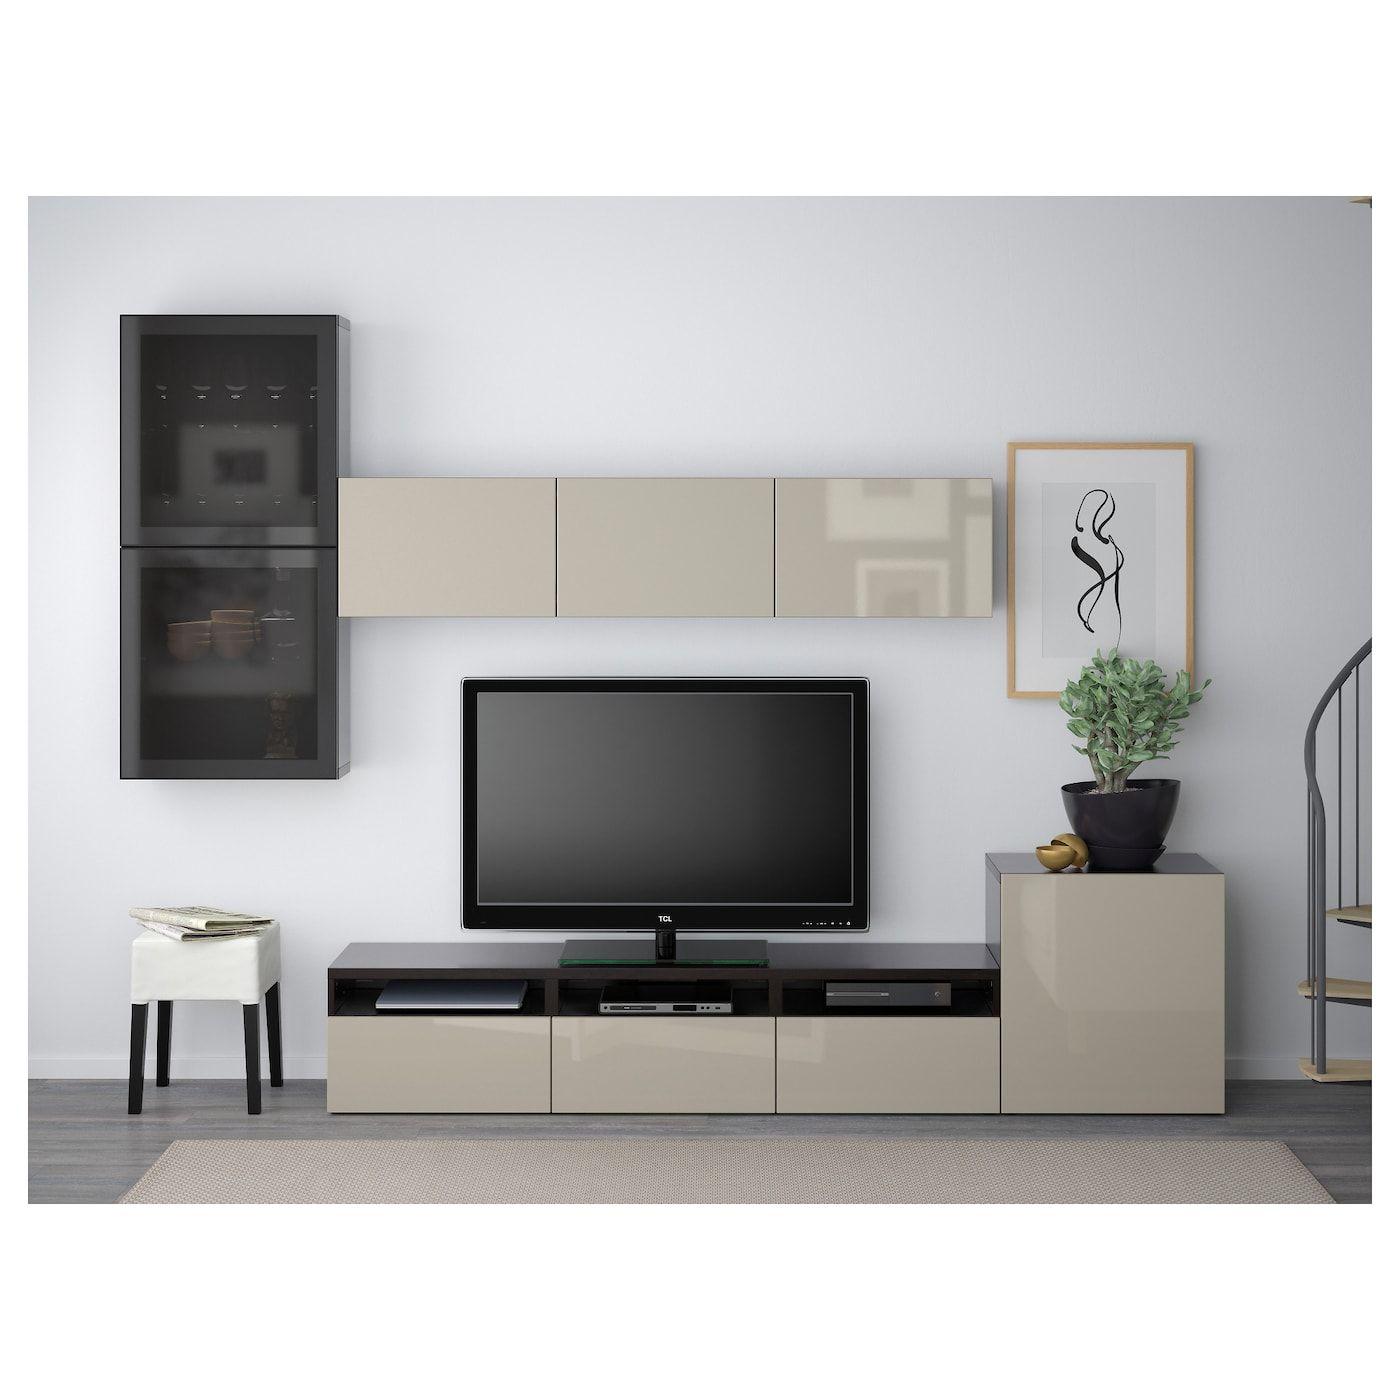 Full Size of Wohnwand Ikea Best Tv Storage Combination Gldoors Black Brown Küche Kosten Wohnzimmer Betten Bei Miniküche 160x200 Sofa Mit Schlaffunktion Kaufen Modulküche Wohnzimmer Wohnwand Ikea